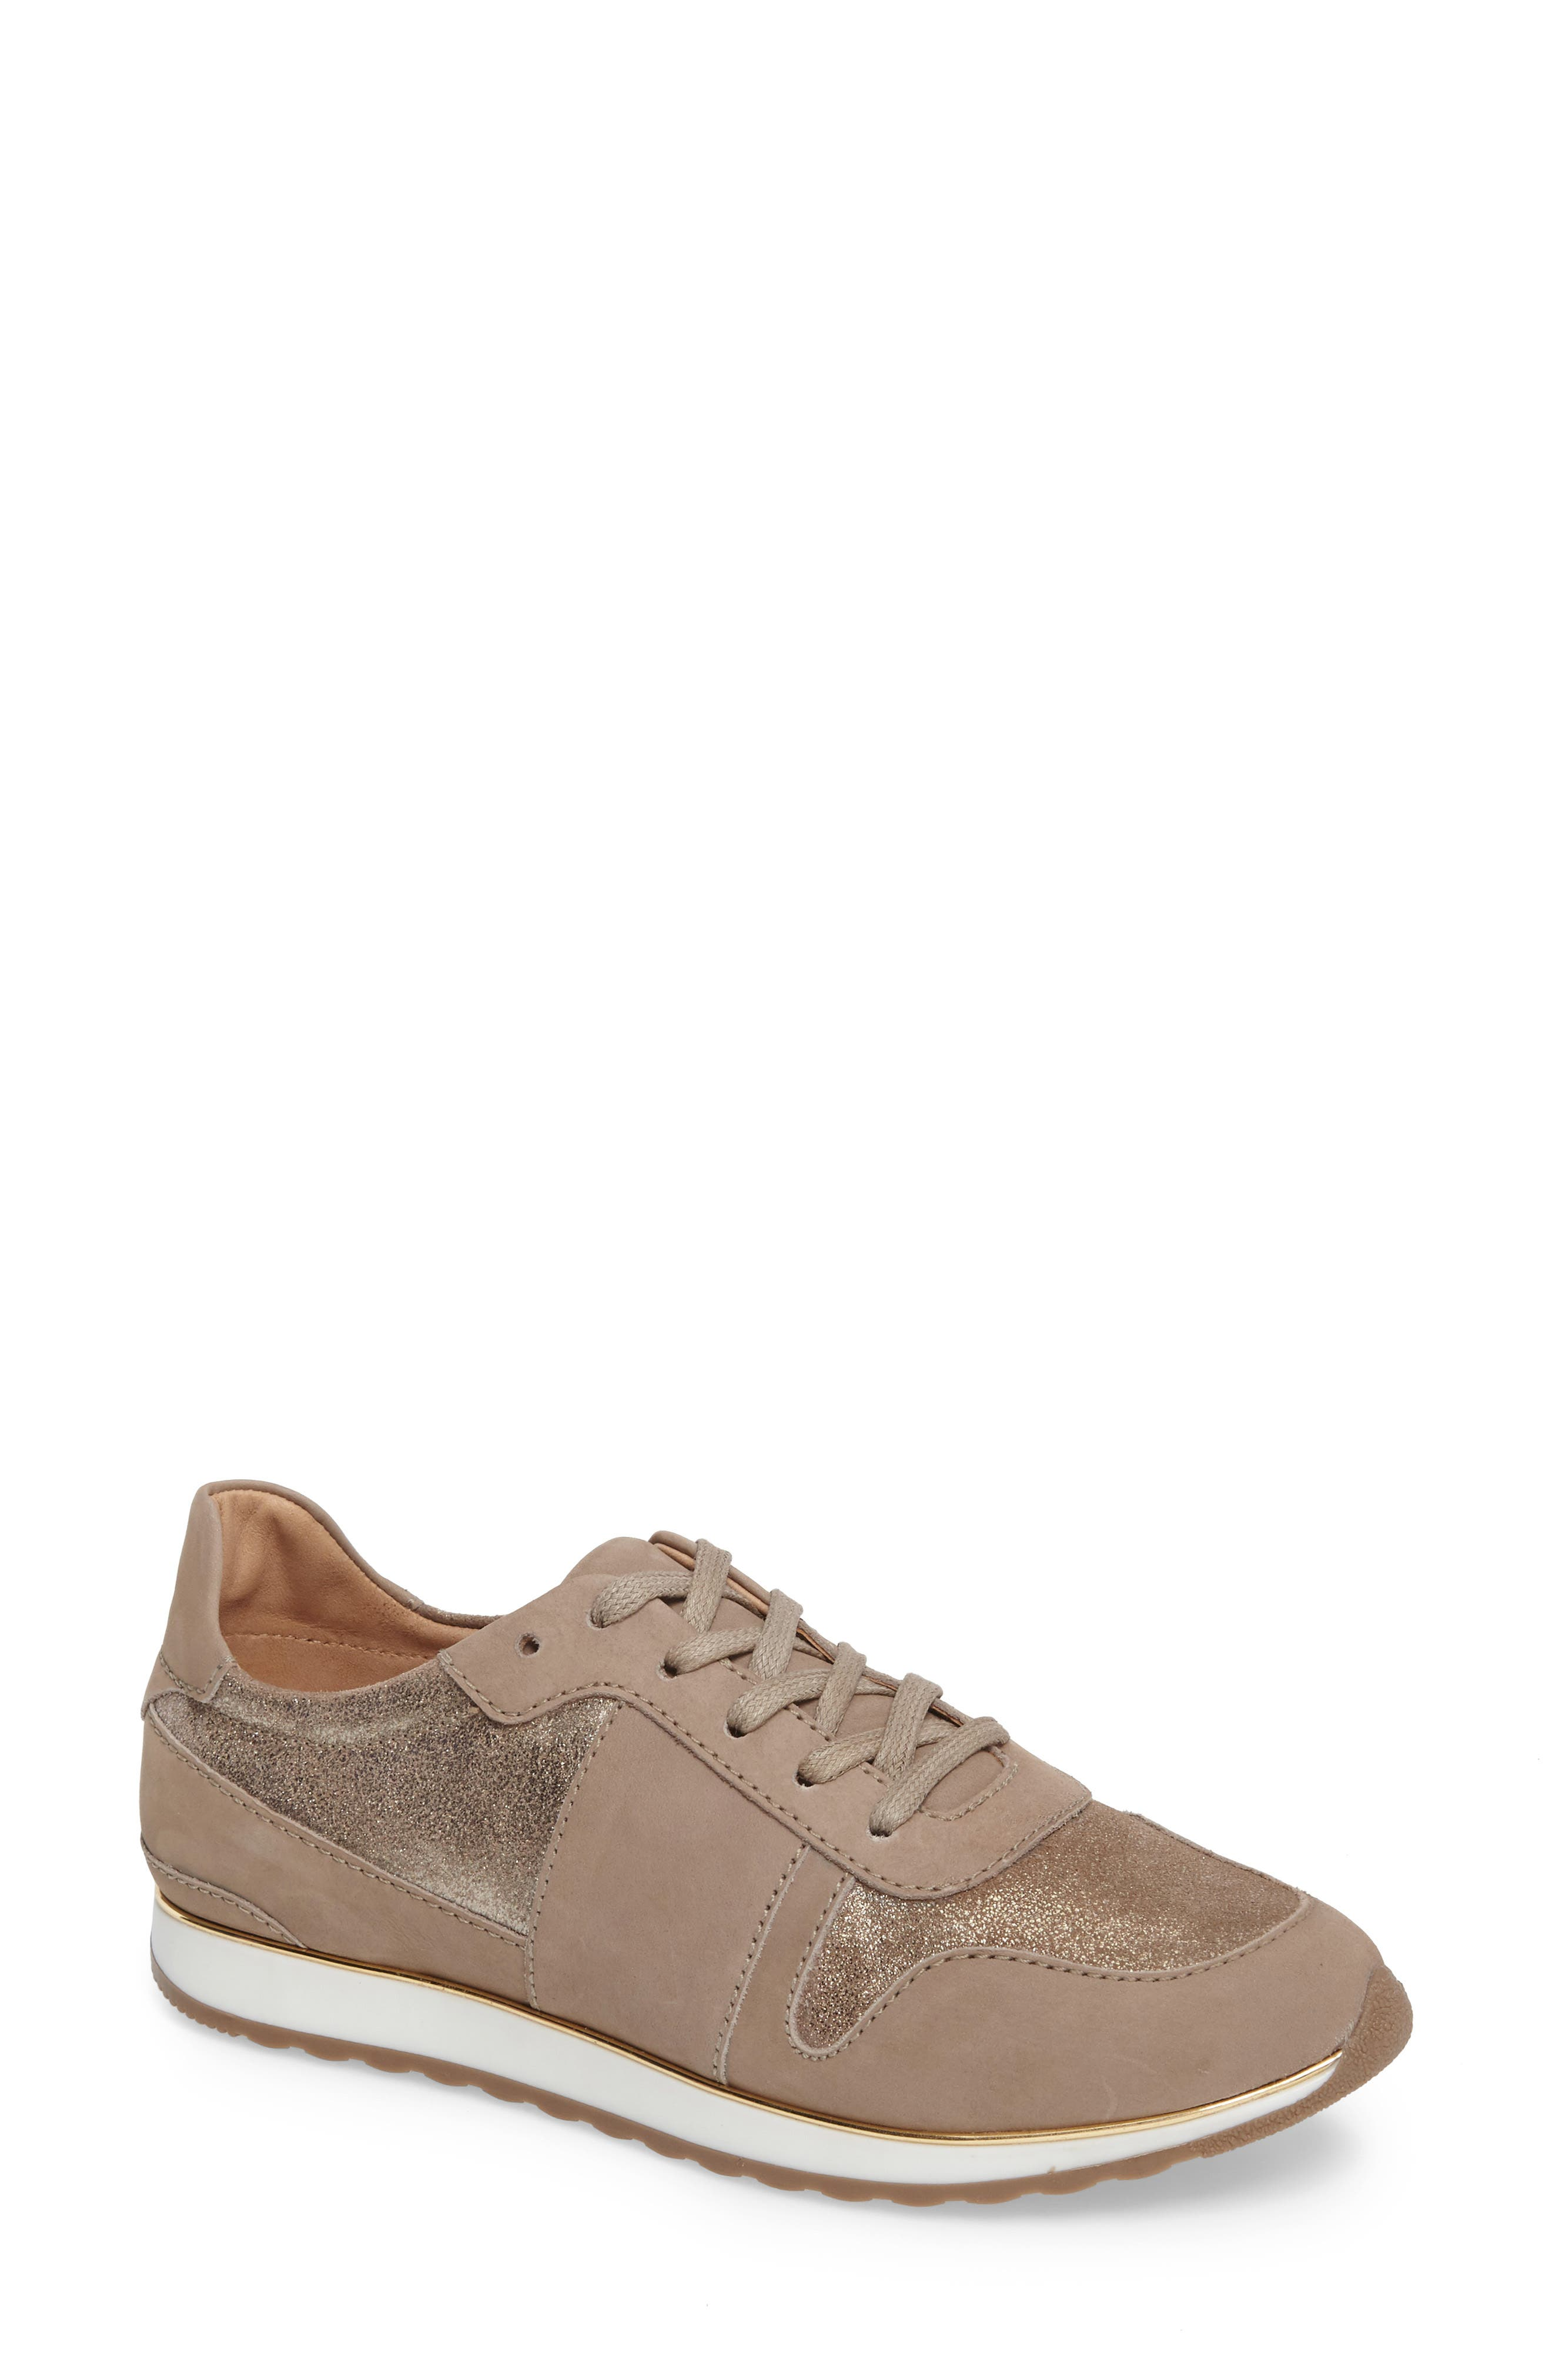 KLUB NICO Stefani Sneaker, Main, color, 030